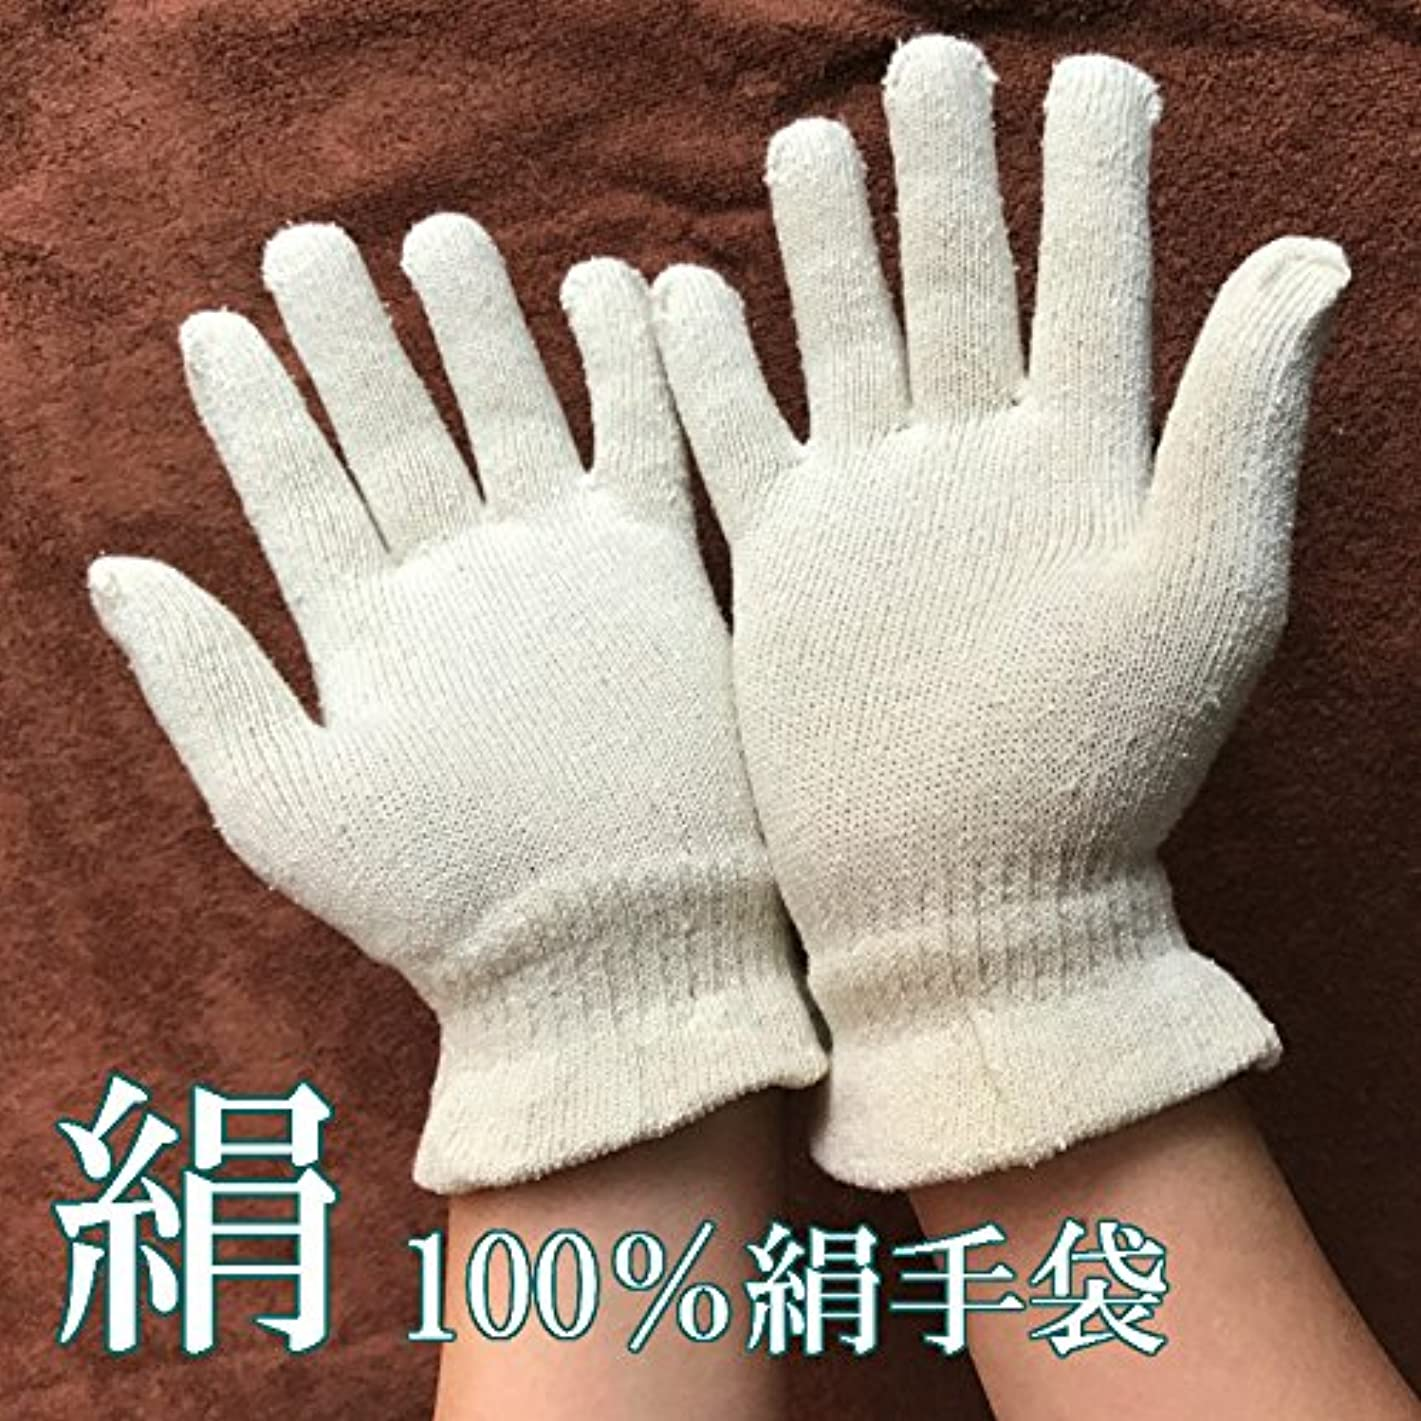 嫌な細断治療絹手袋 シルク手袋 ガルシャナ アーユルヴェーダ